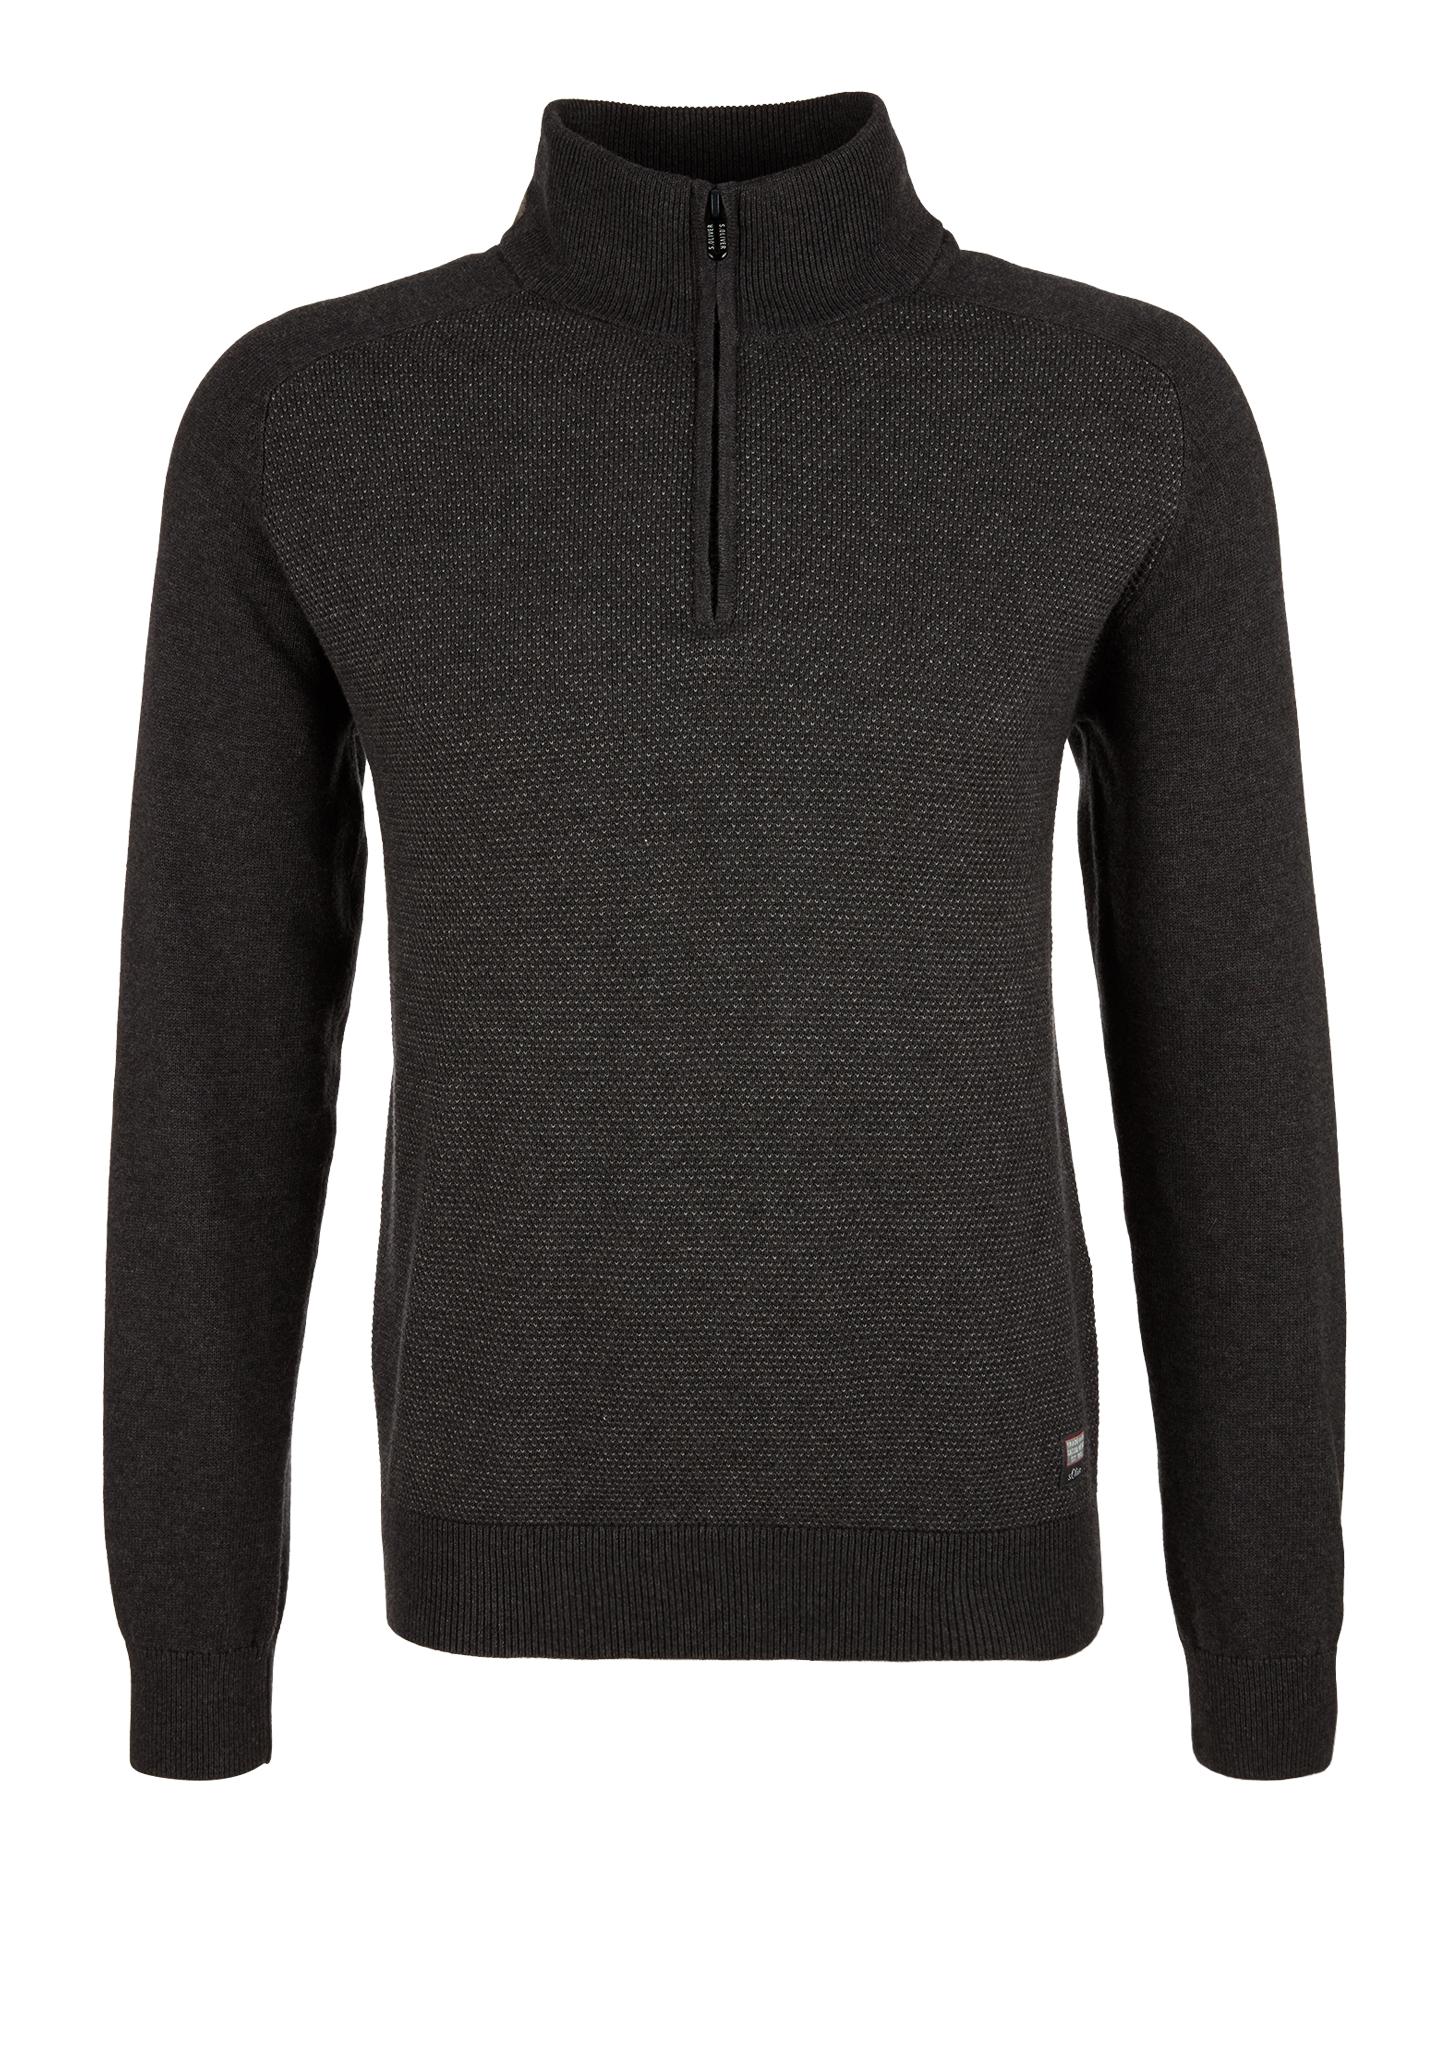 Strickpullover   Bekleidung > Pullover   Grau/schwarz   100% baumwolle   s.Oliver